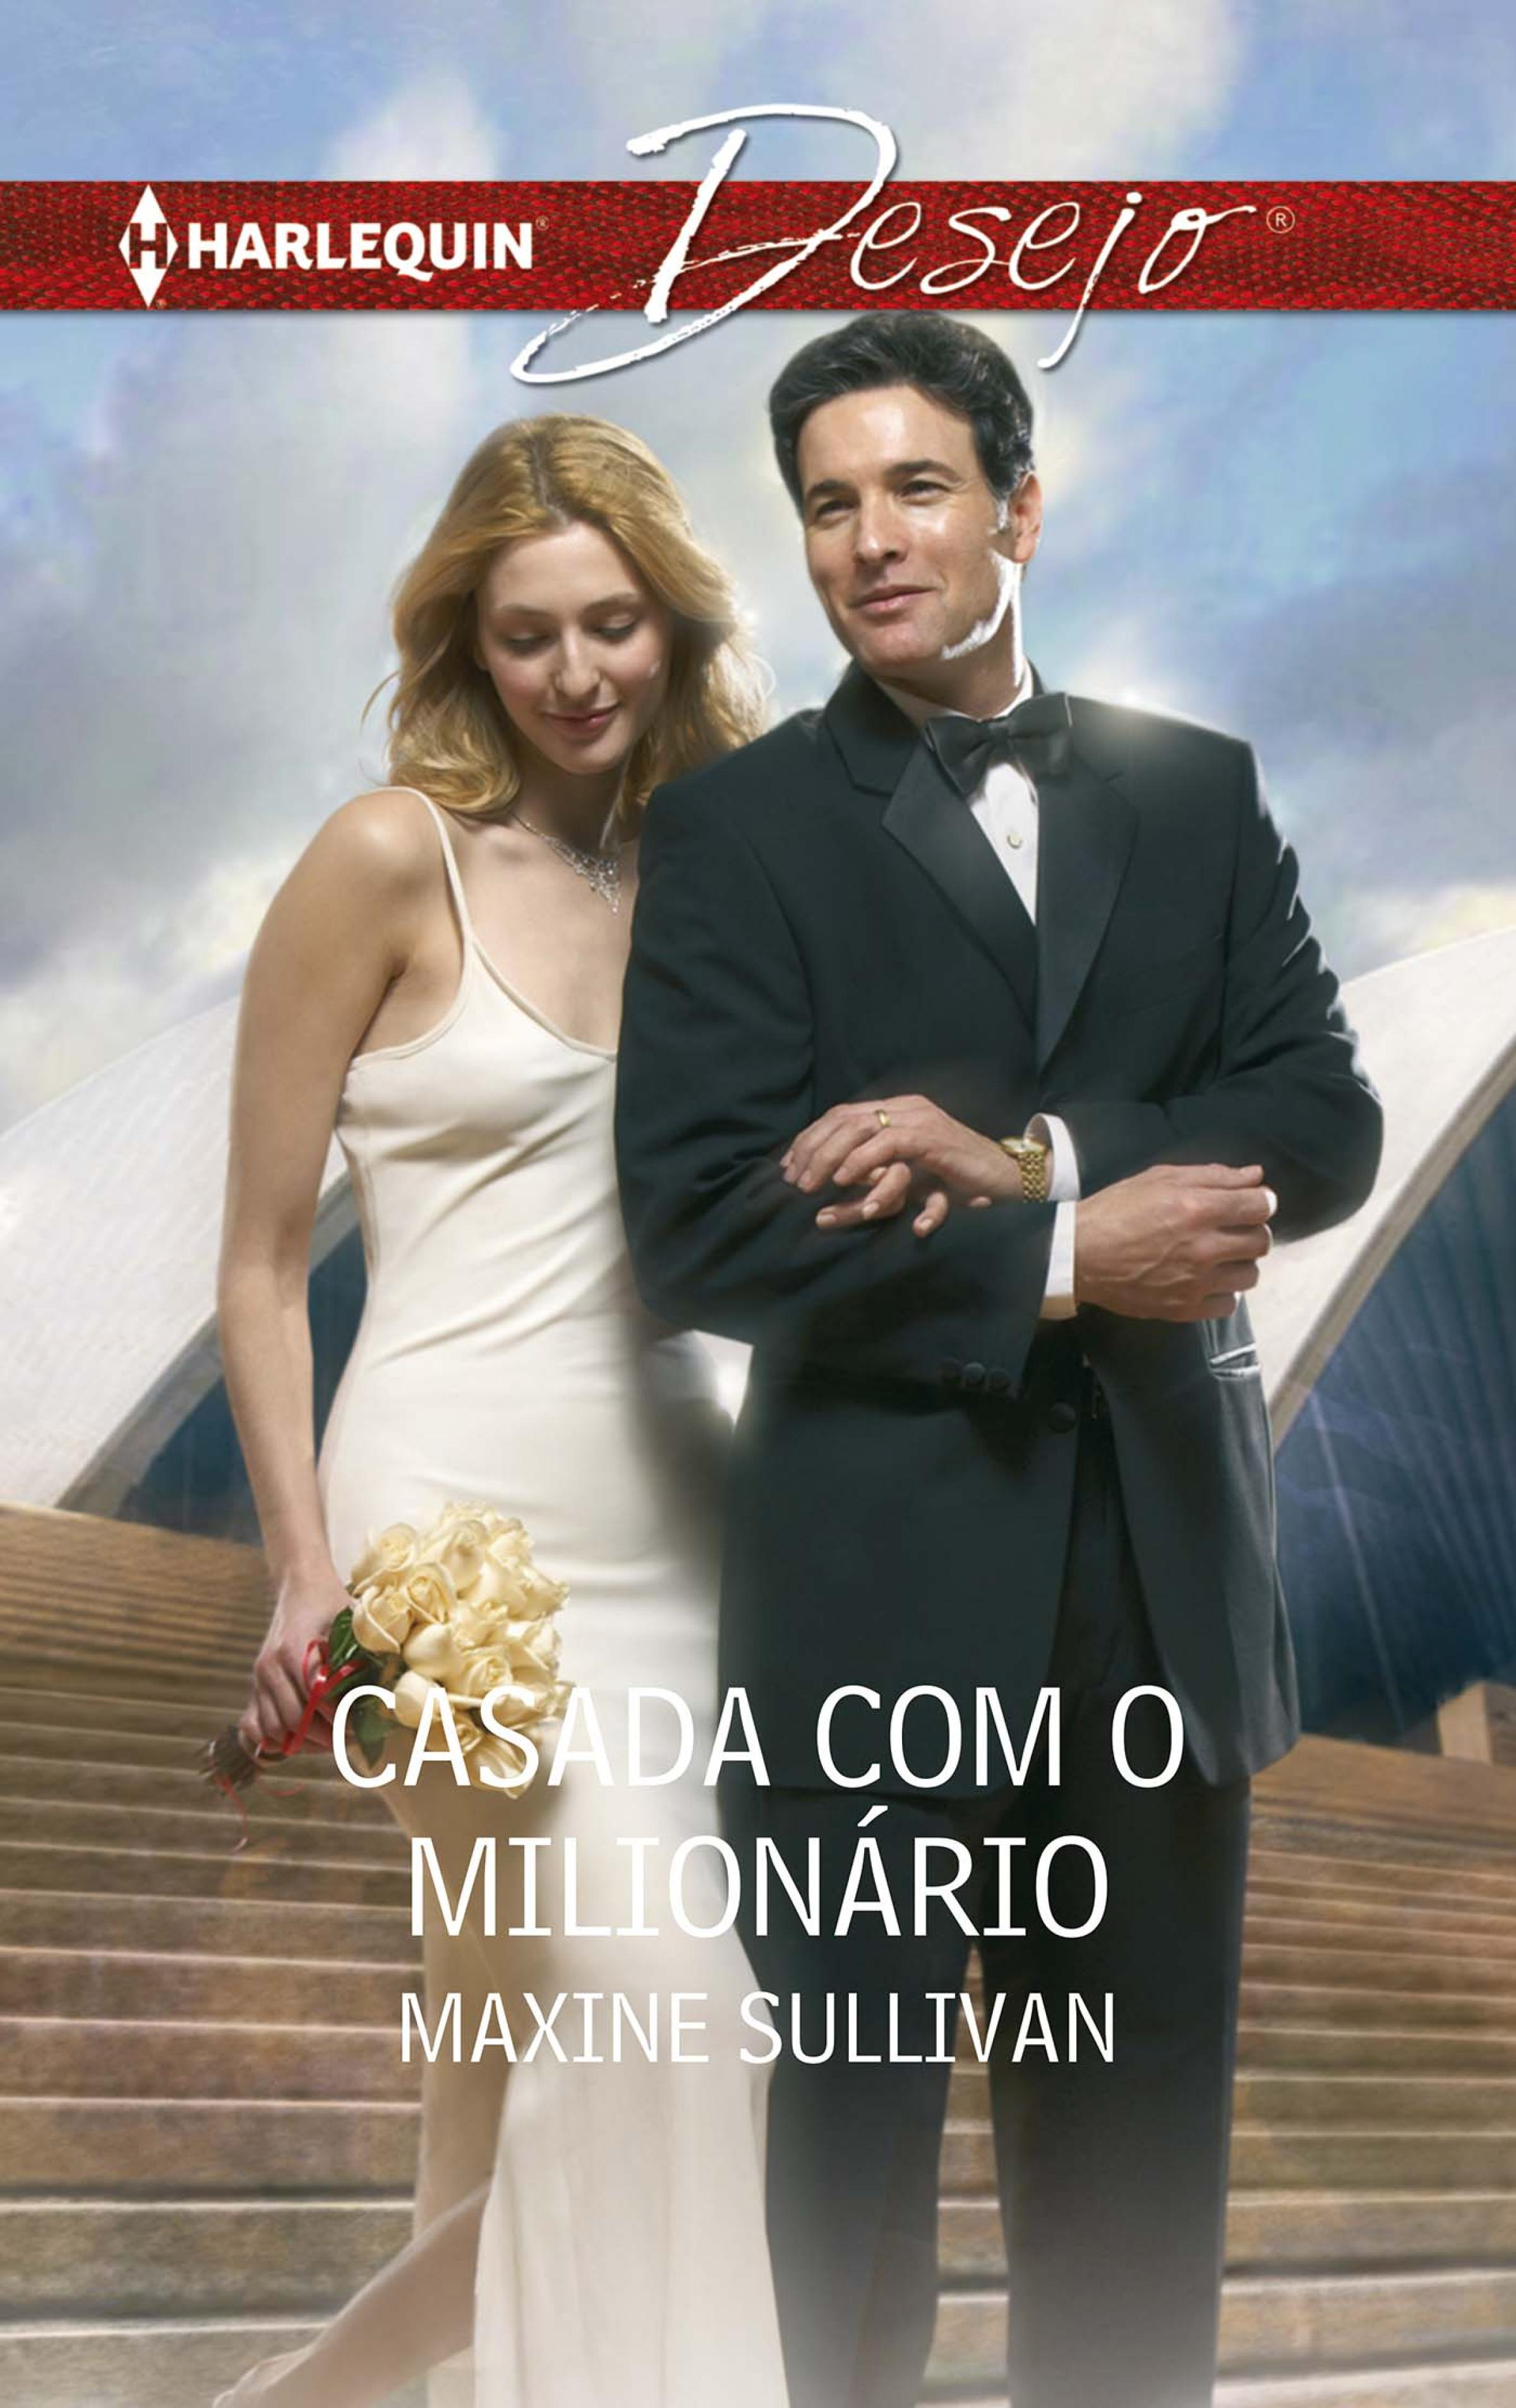 Maxine Sullivan Casada com o milionário maxine sullivan ¿venganza o pasión